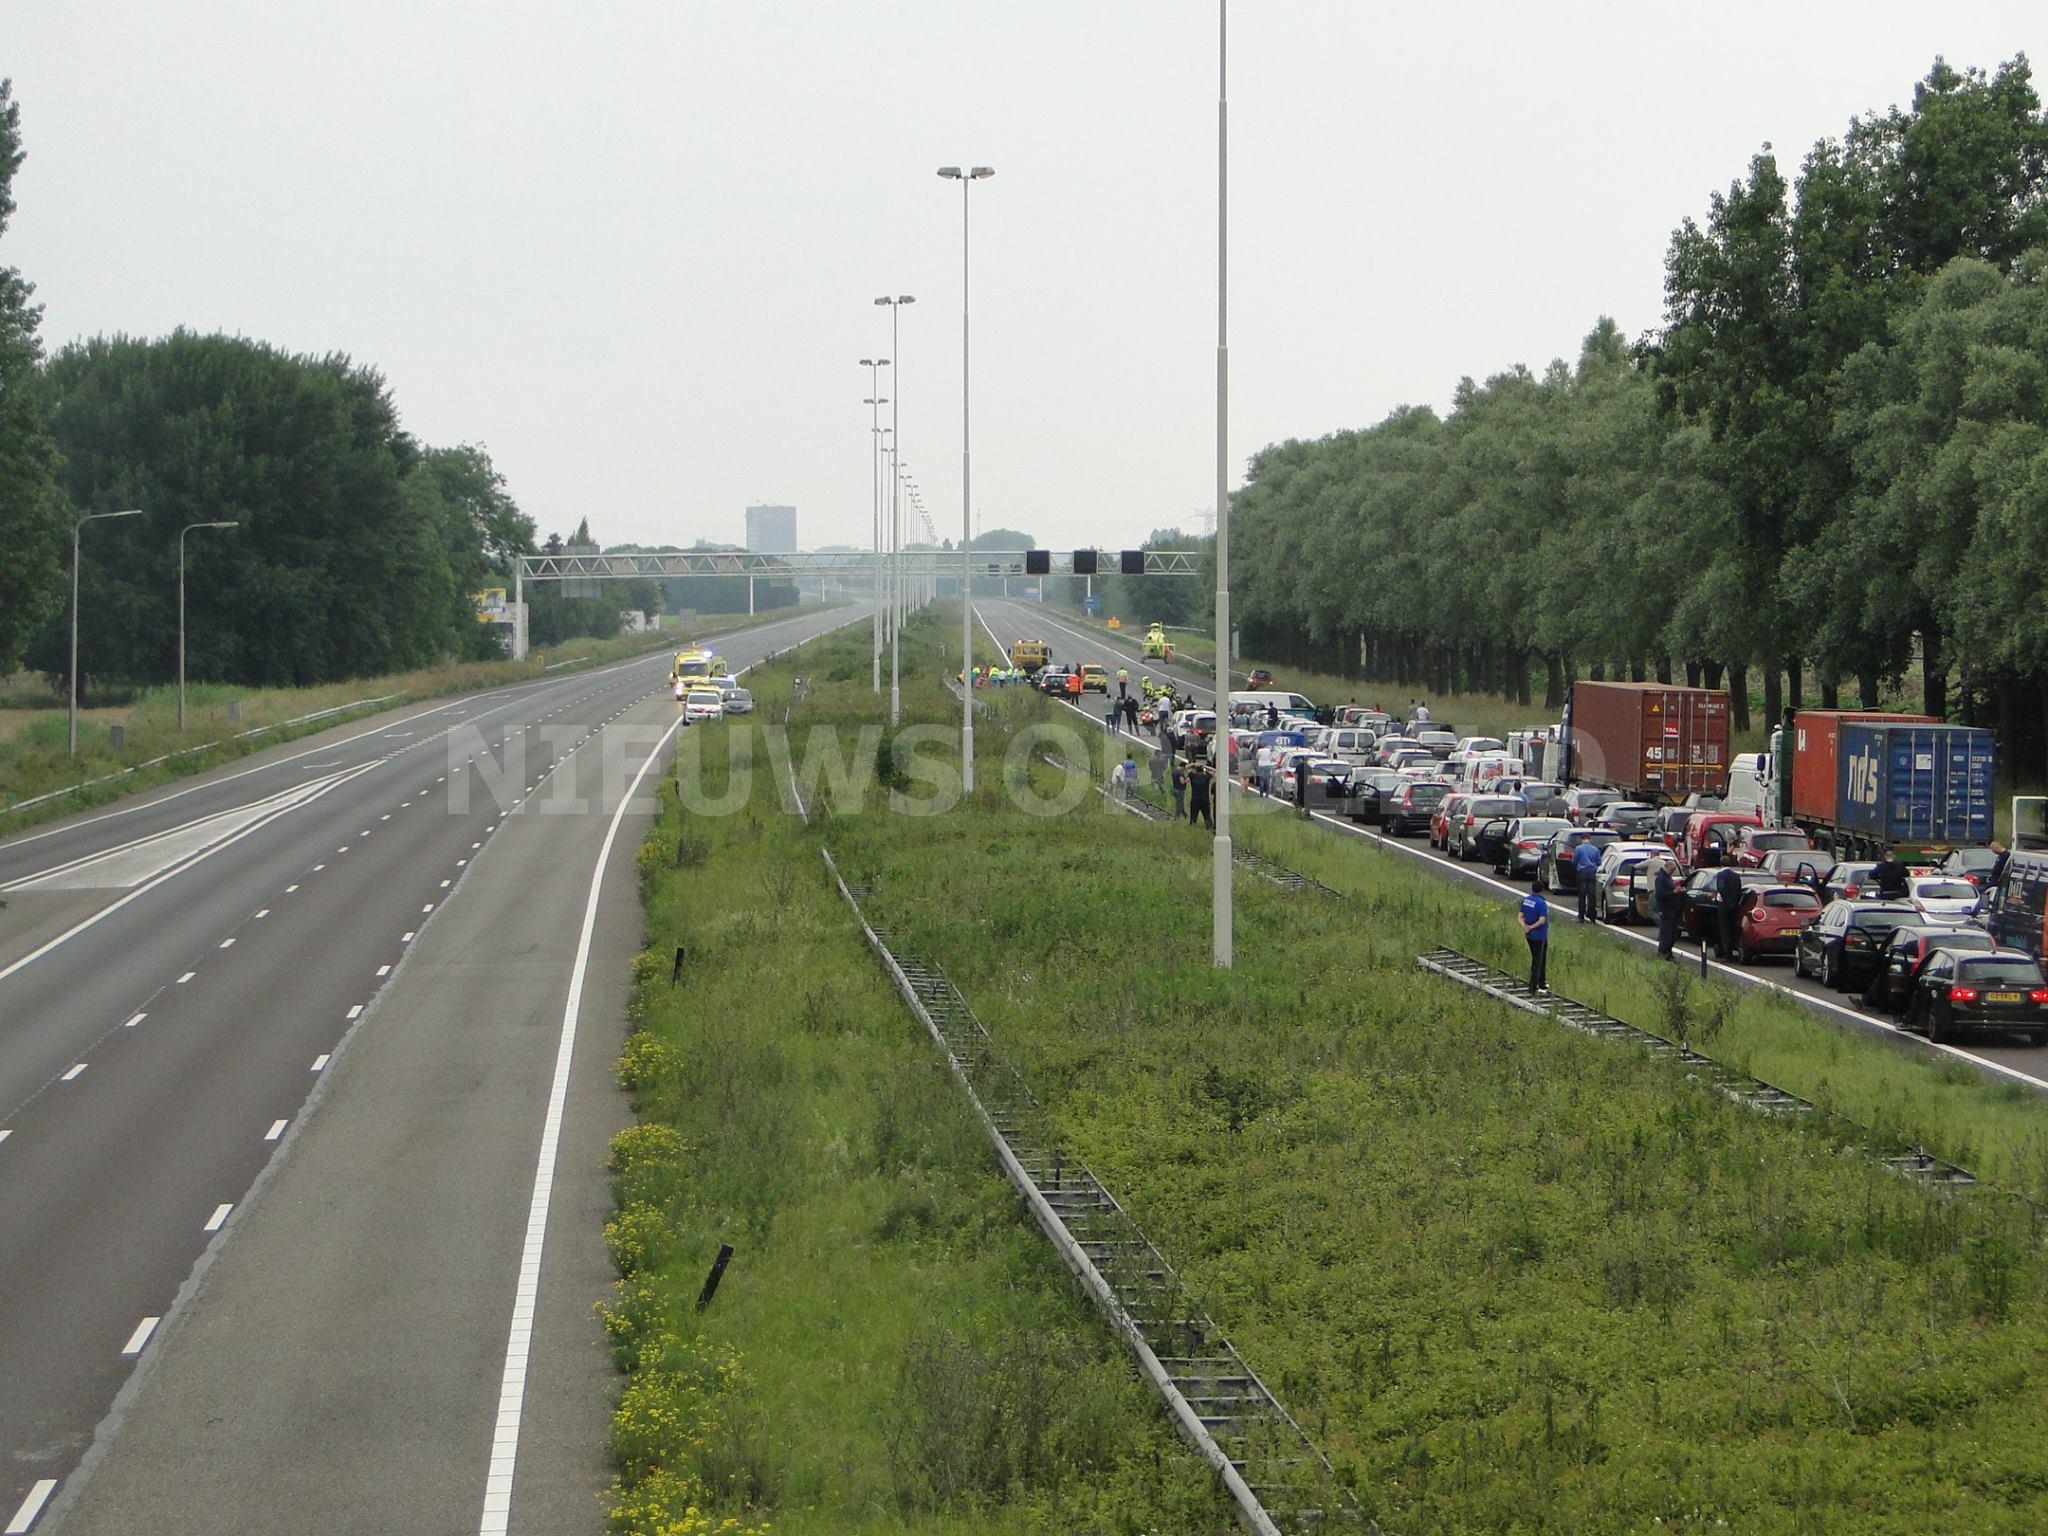 41-jarige motorrijder overleden na ernstig ongeval A16 Moerdijkbrug